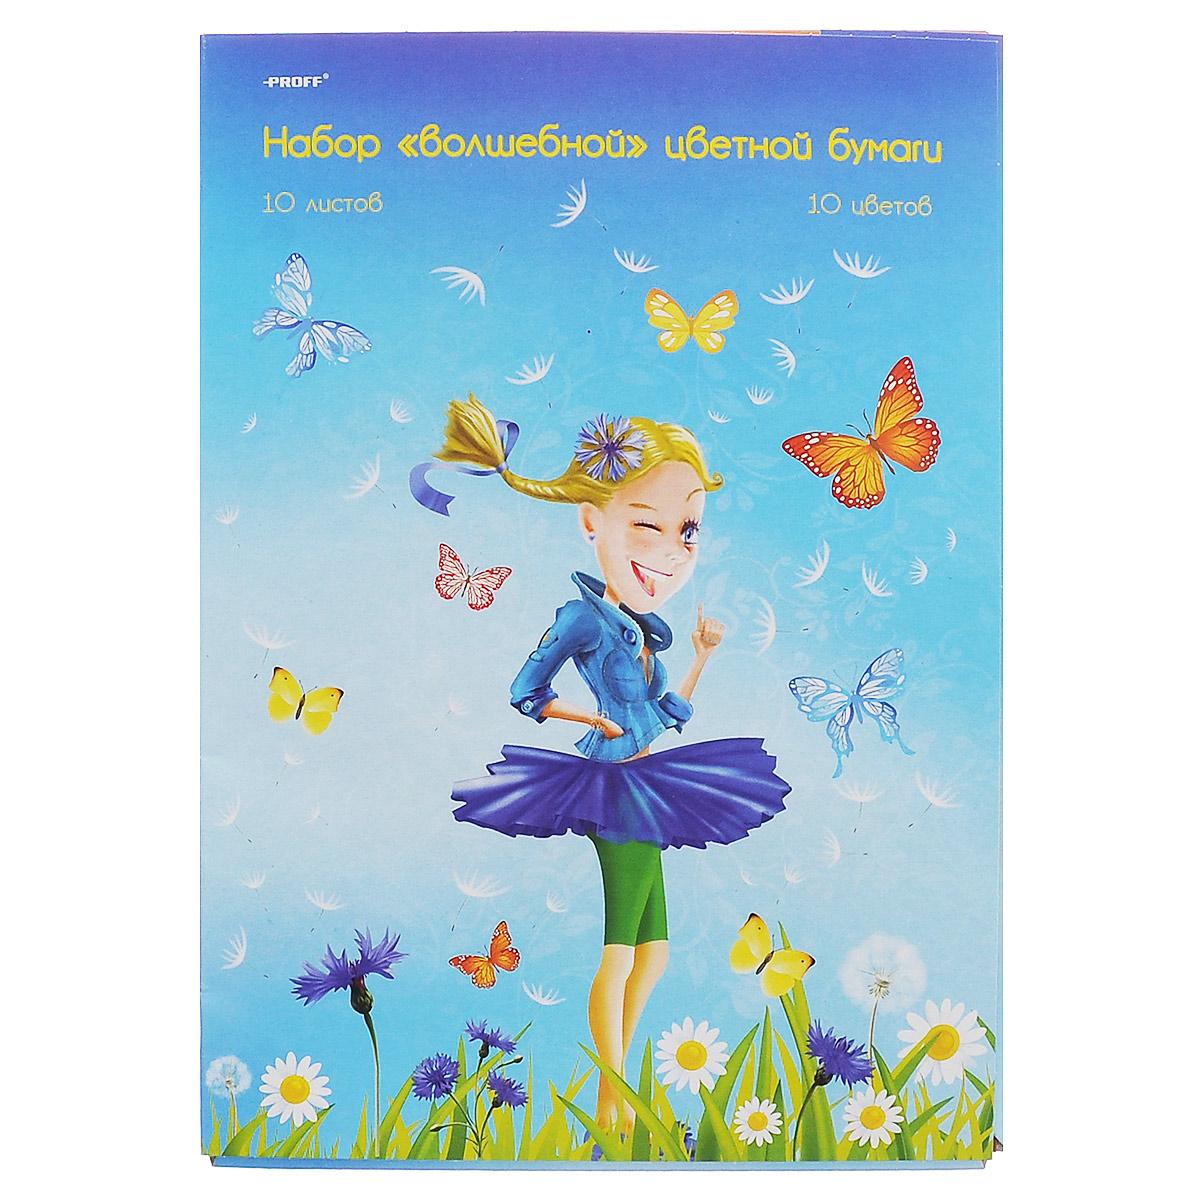 Набор цветной бумаги Proff Девочки-цветочки, 10 листов. MF15-CPS1007026Набор цветной бумаги Девочки-цветочки, в папке из мелованного картона, позволит создавать всевозможные аппликации и поделки. Набор состоит из таких цветов: желтый, черный, розовый, оранжевый, платиновый, красный, коричневый, зеленый, золотой, синий. Создание поделок из цветной бумаги позволяет ребенку развивать творческие способности, кроме того, это увлекательный досуг.